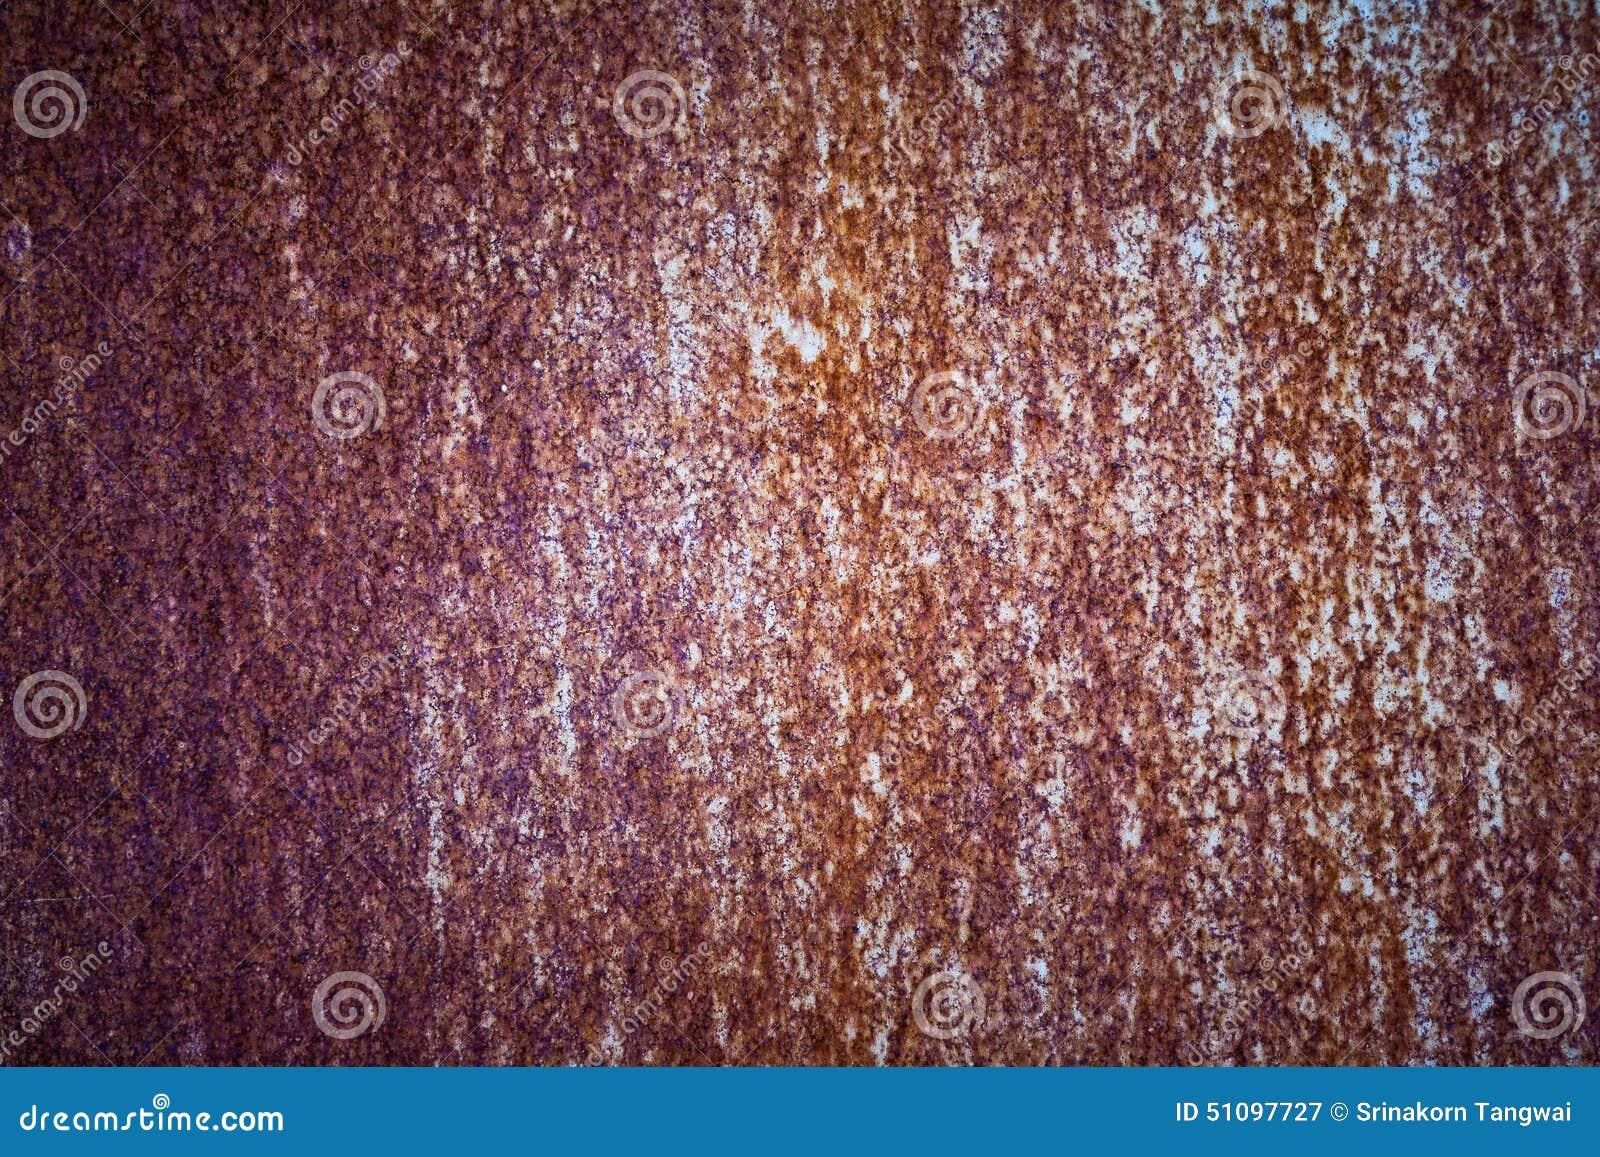 Placa de acero oxidada foto de archivo imagen 51097727 for Placa de acero